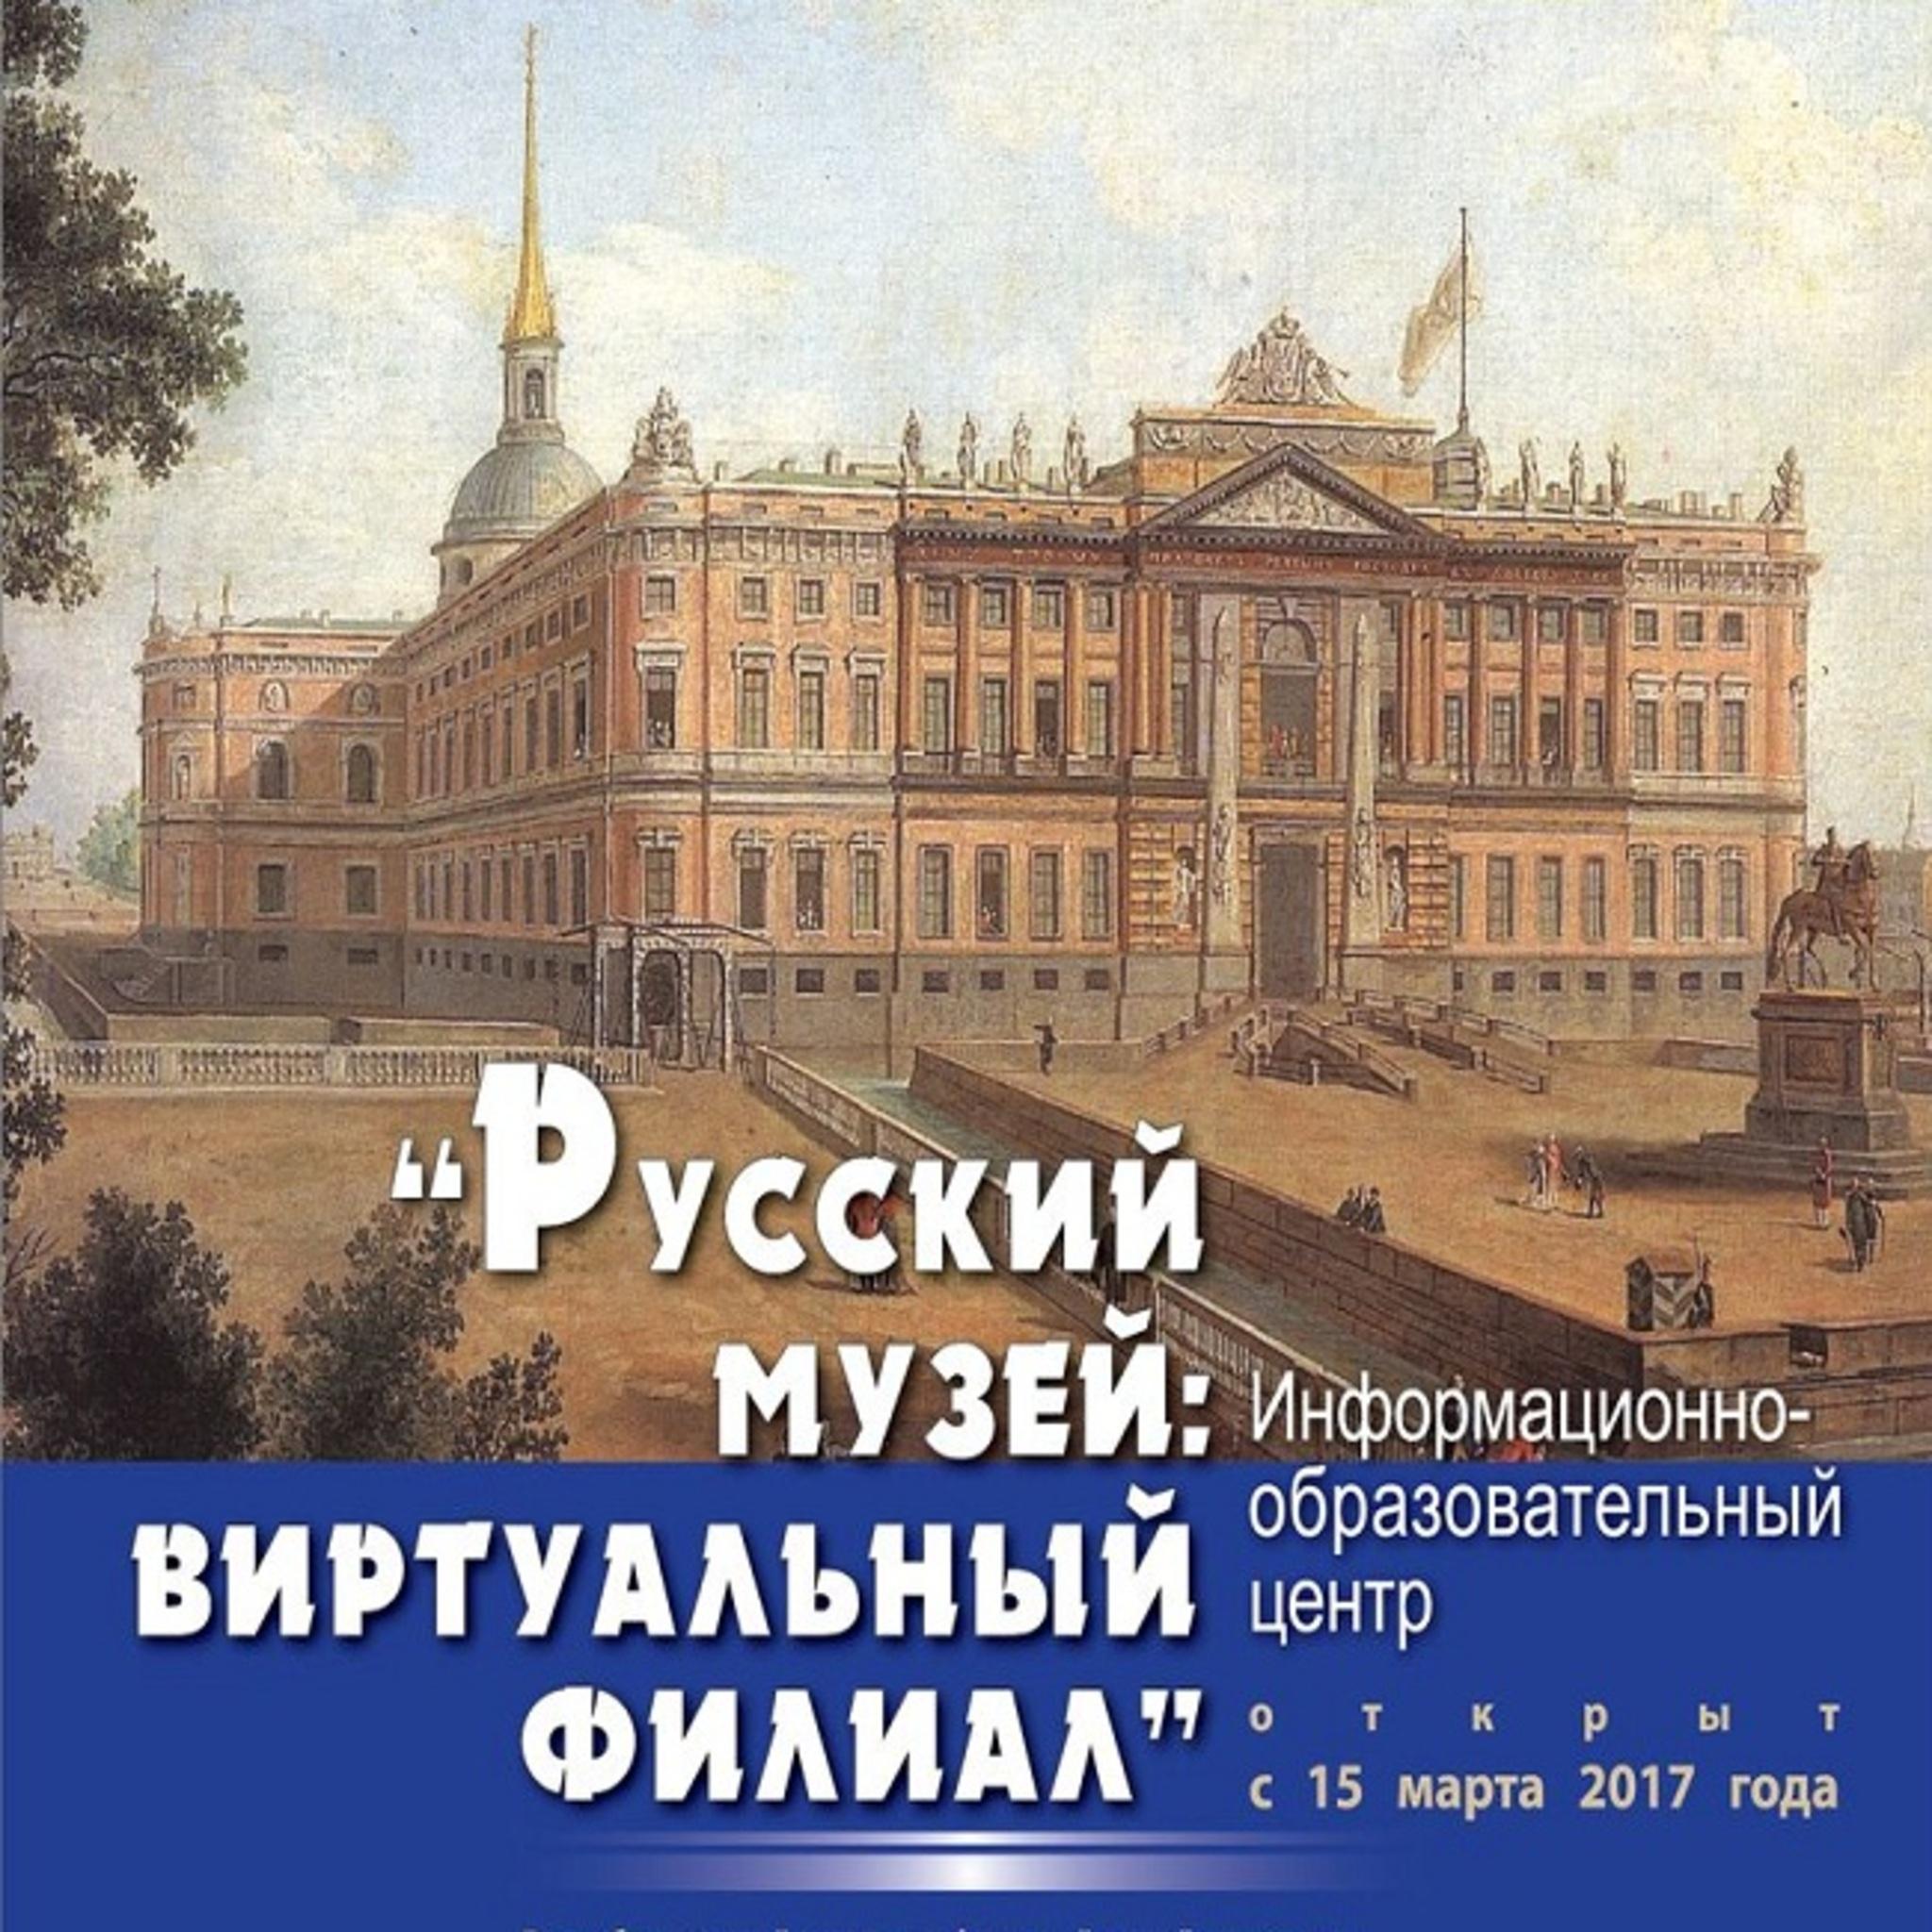 Первый виртуальный филиал Русского музея в Дагестане